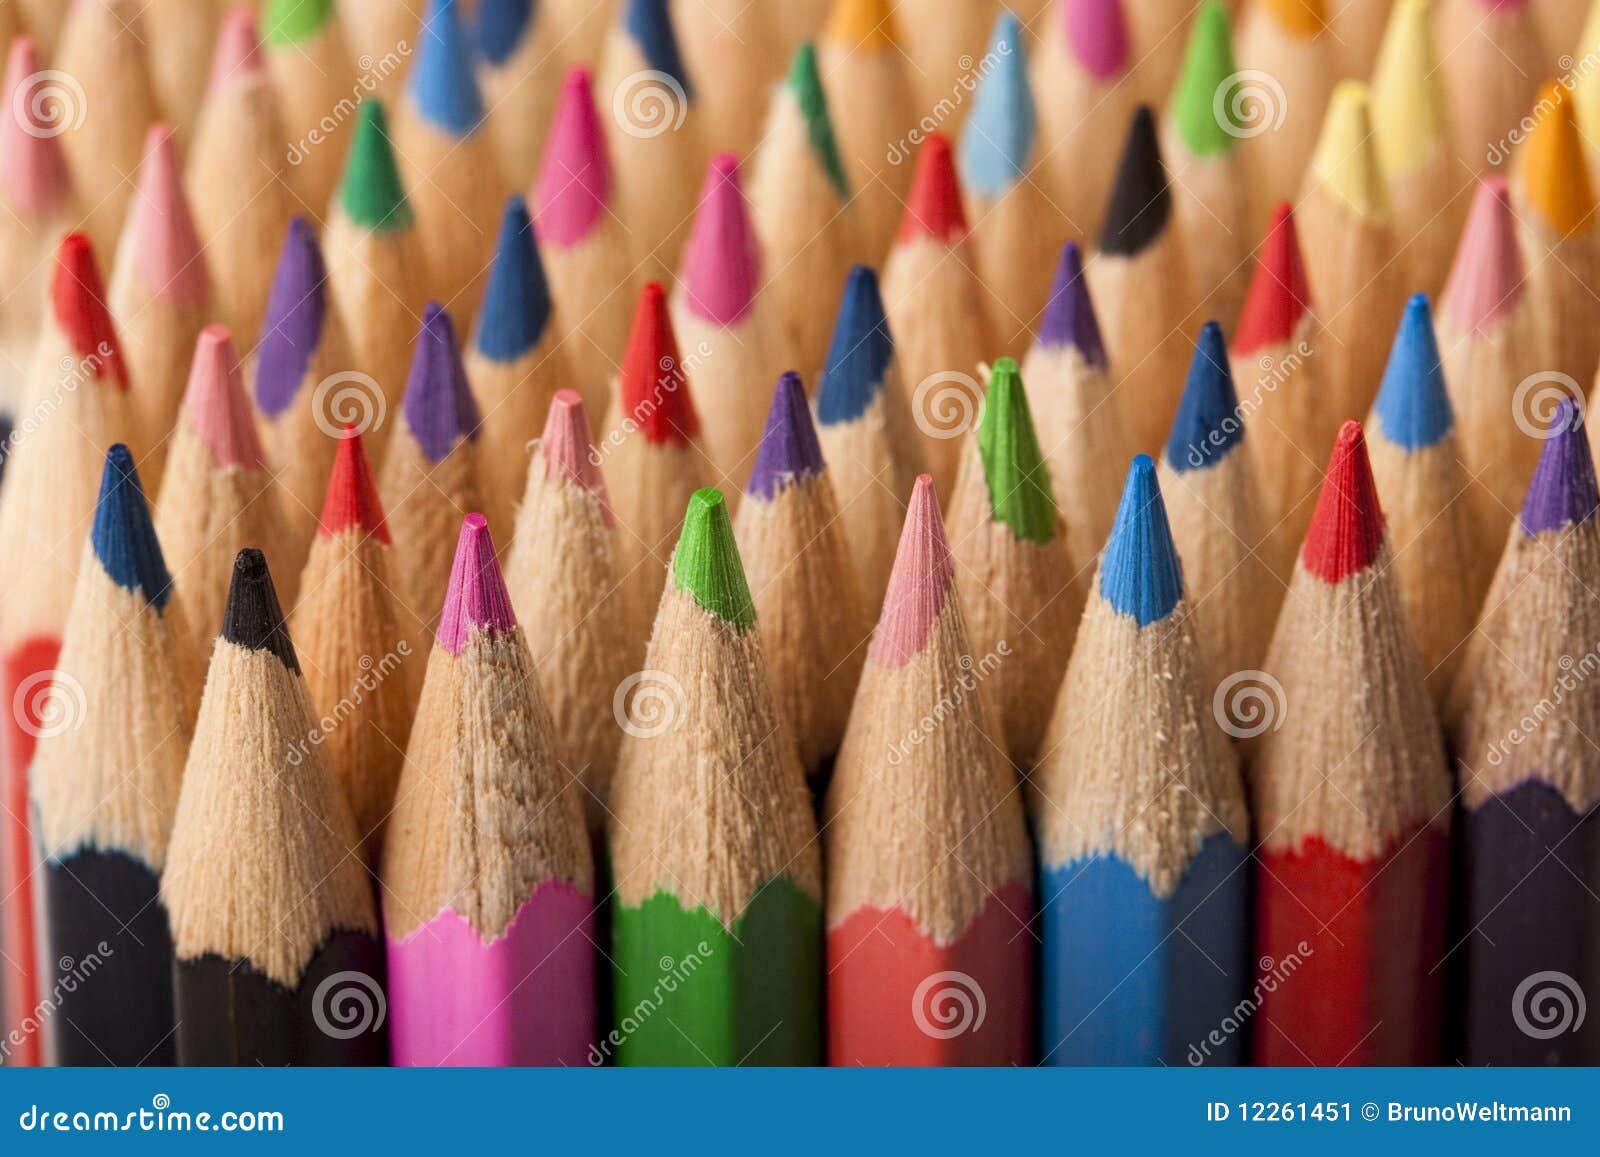 Farbiger Bleistift-Auszug!